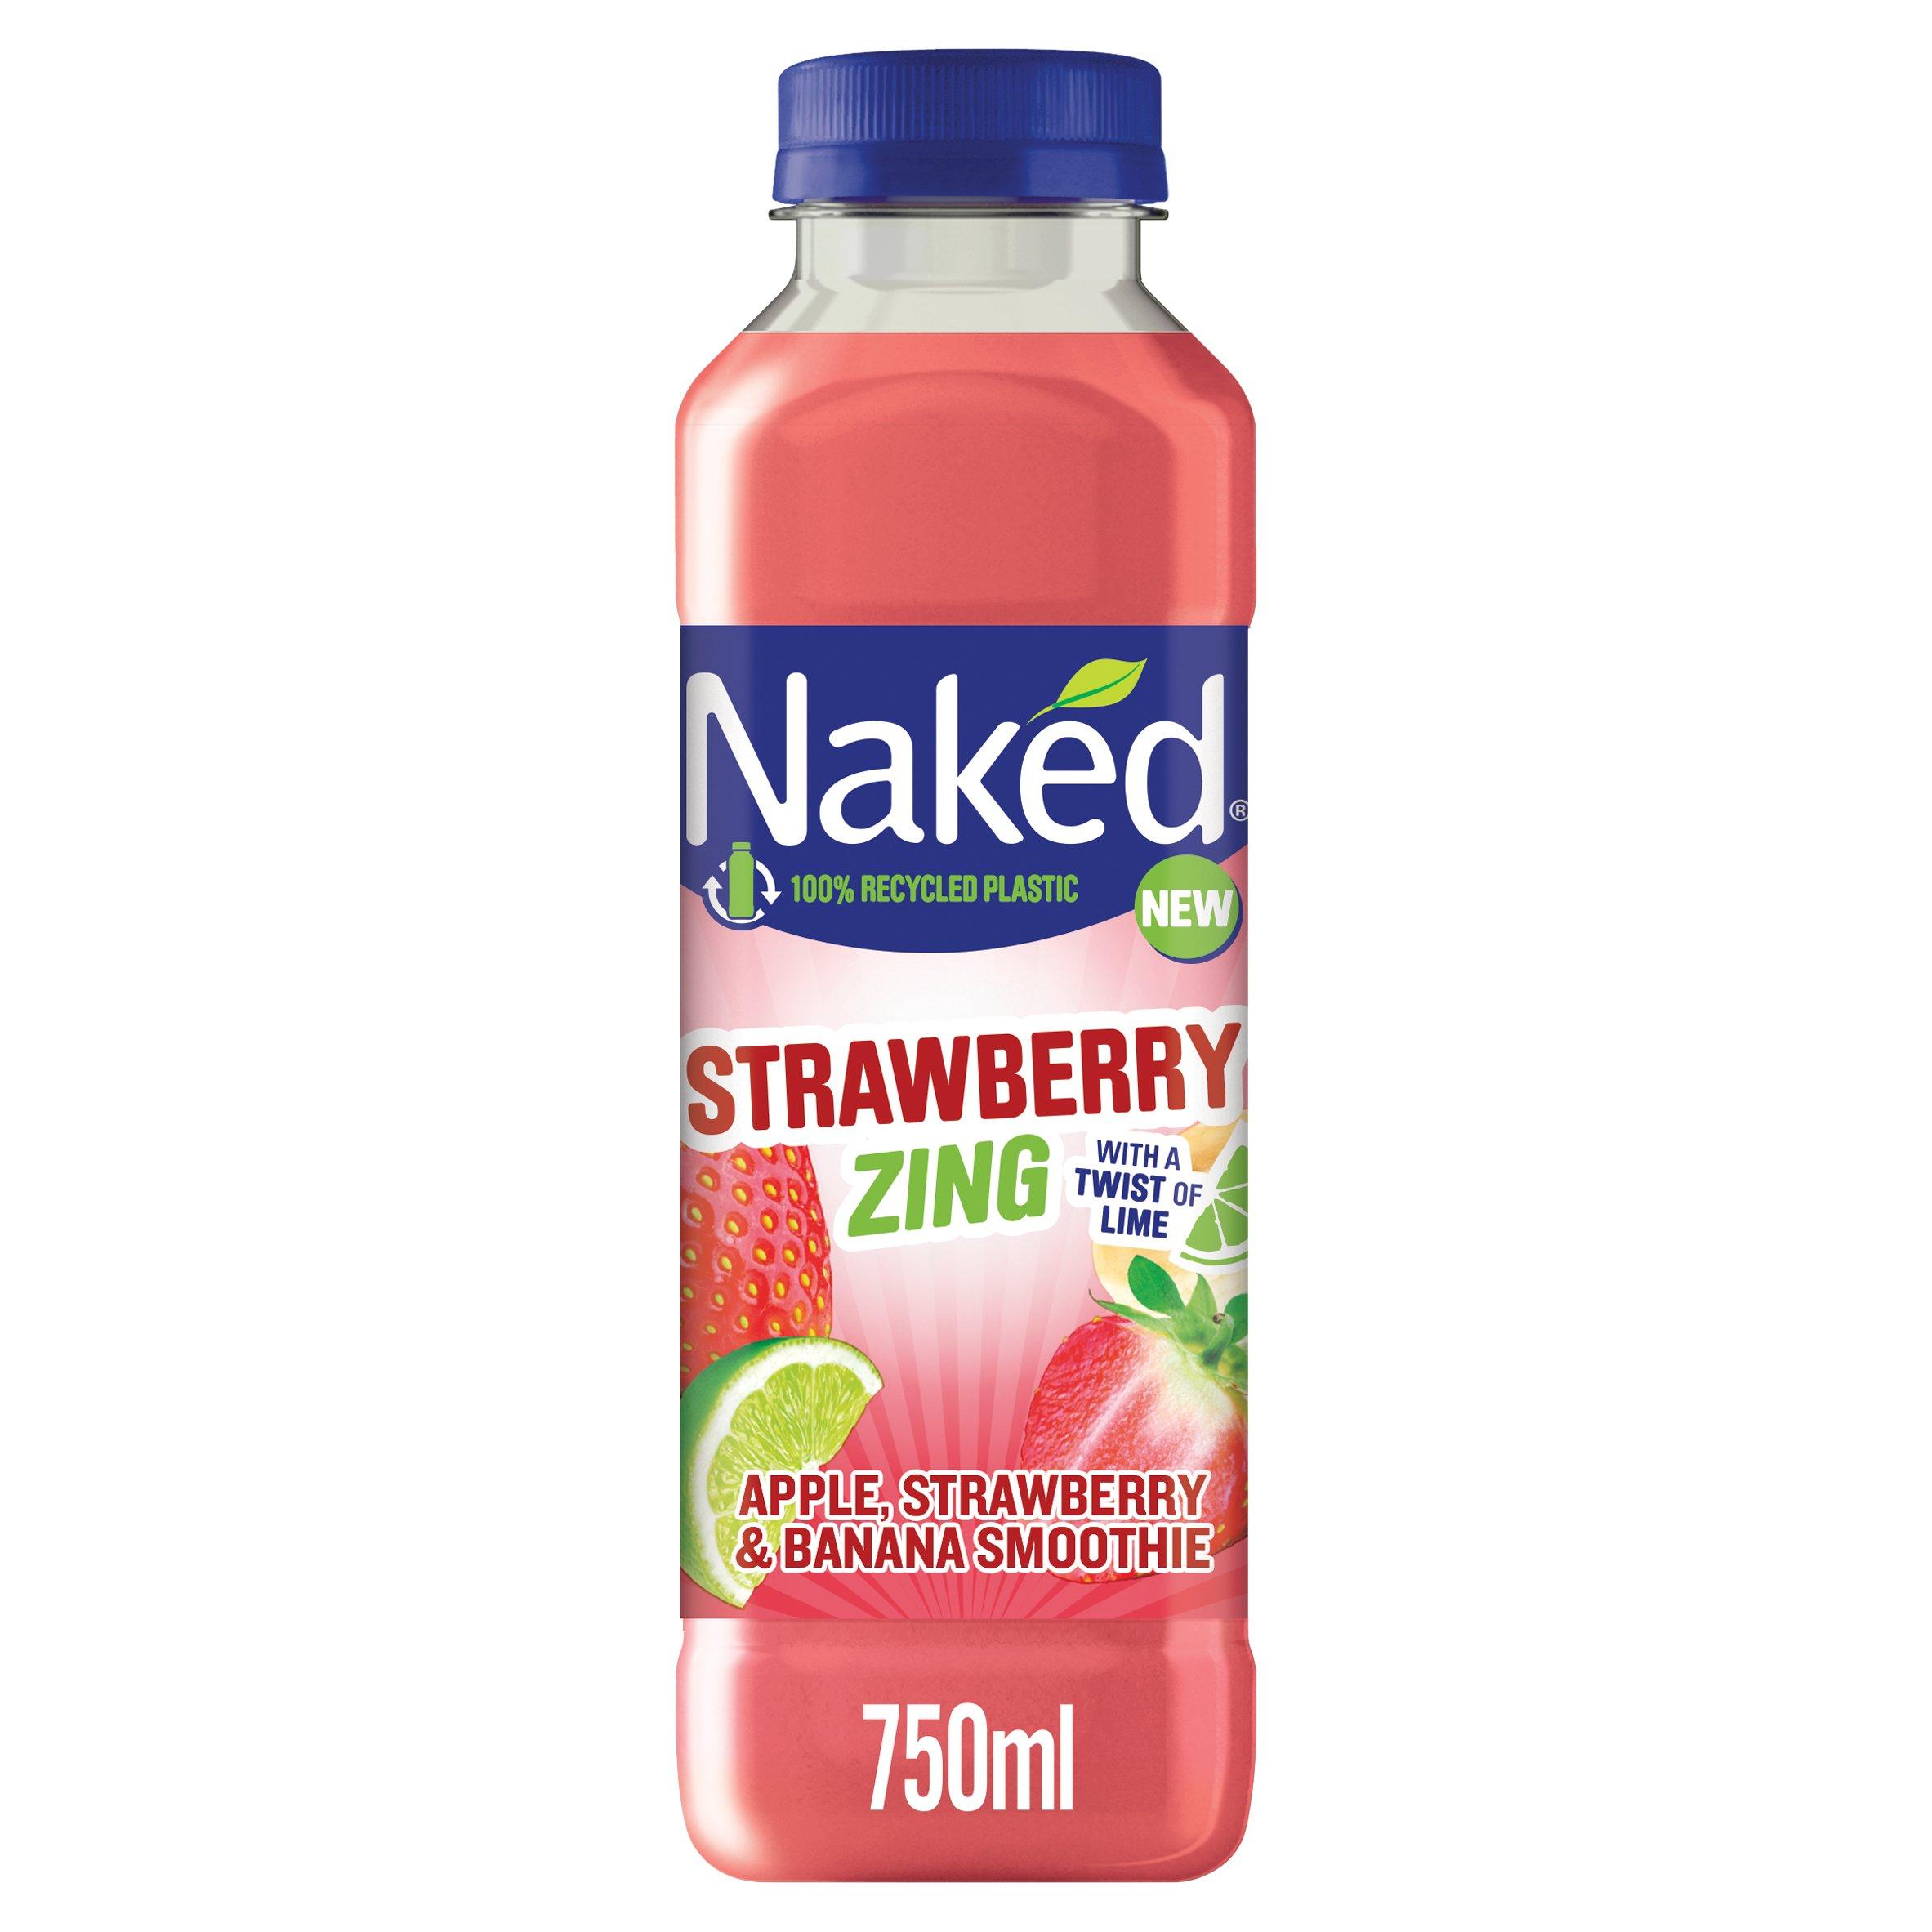 Naked Strawberry Zing Smoothie 750Ml